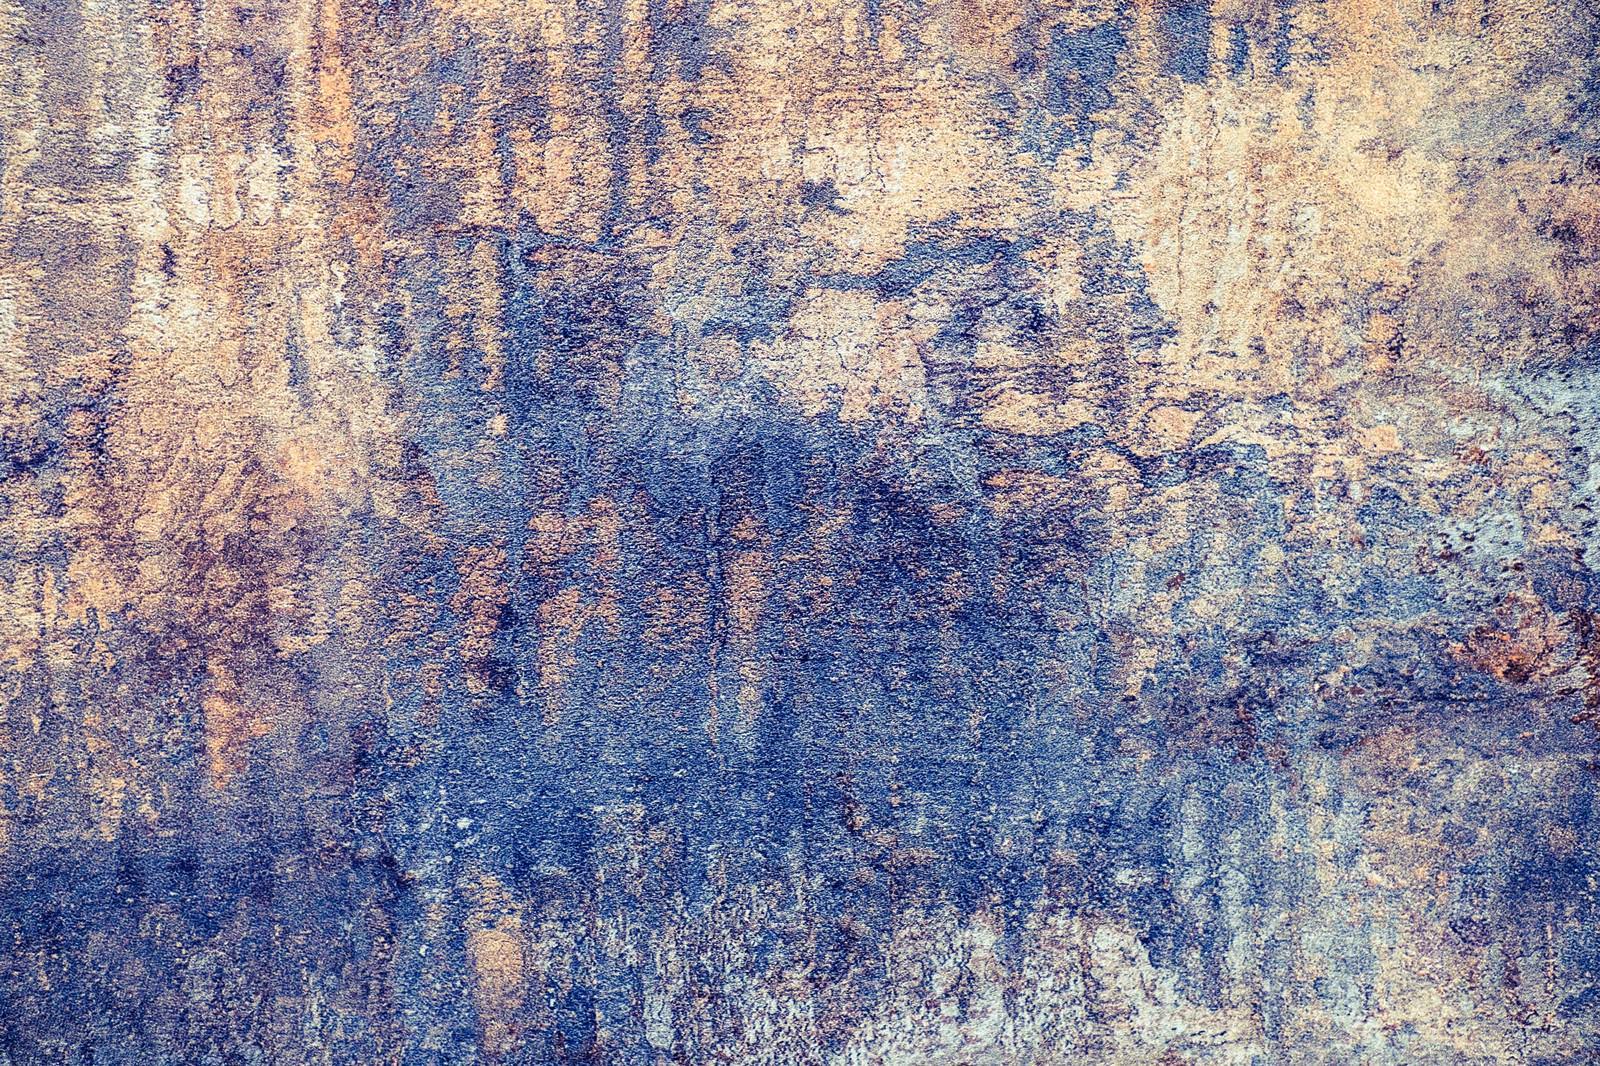 「狂気の壁(テクスチャー)」の写真